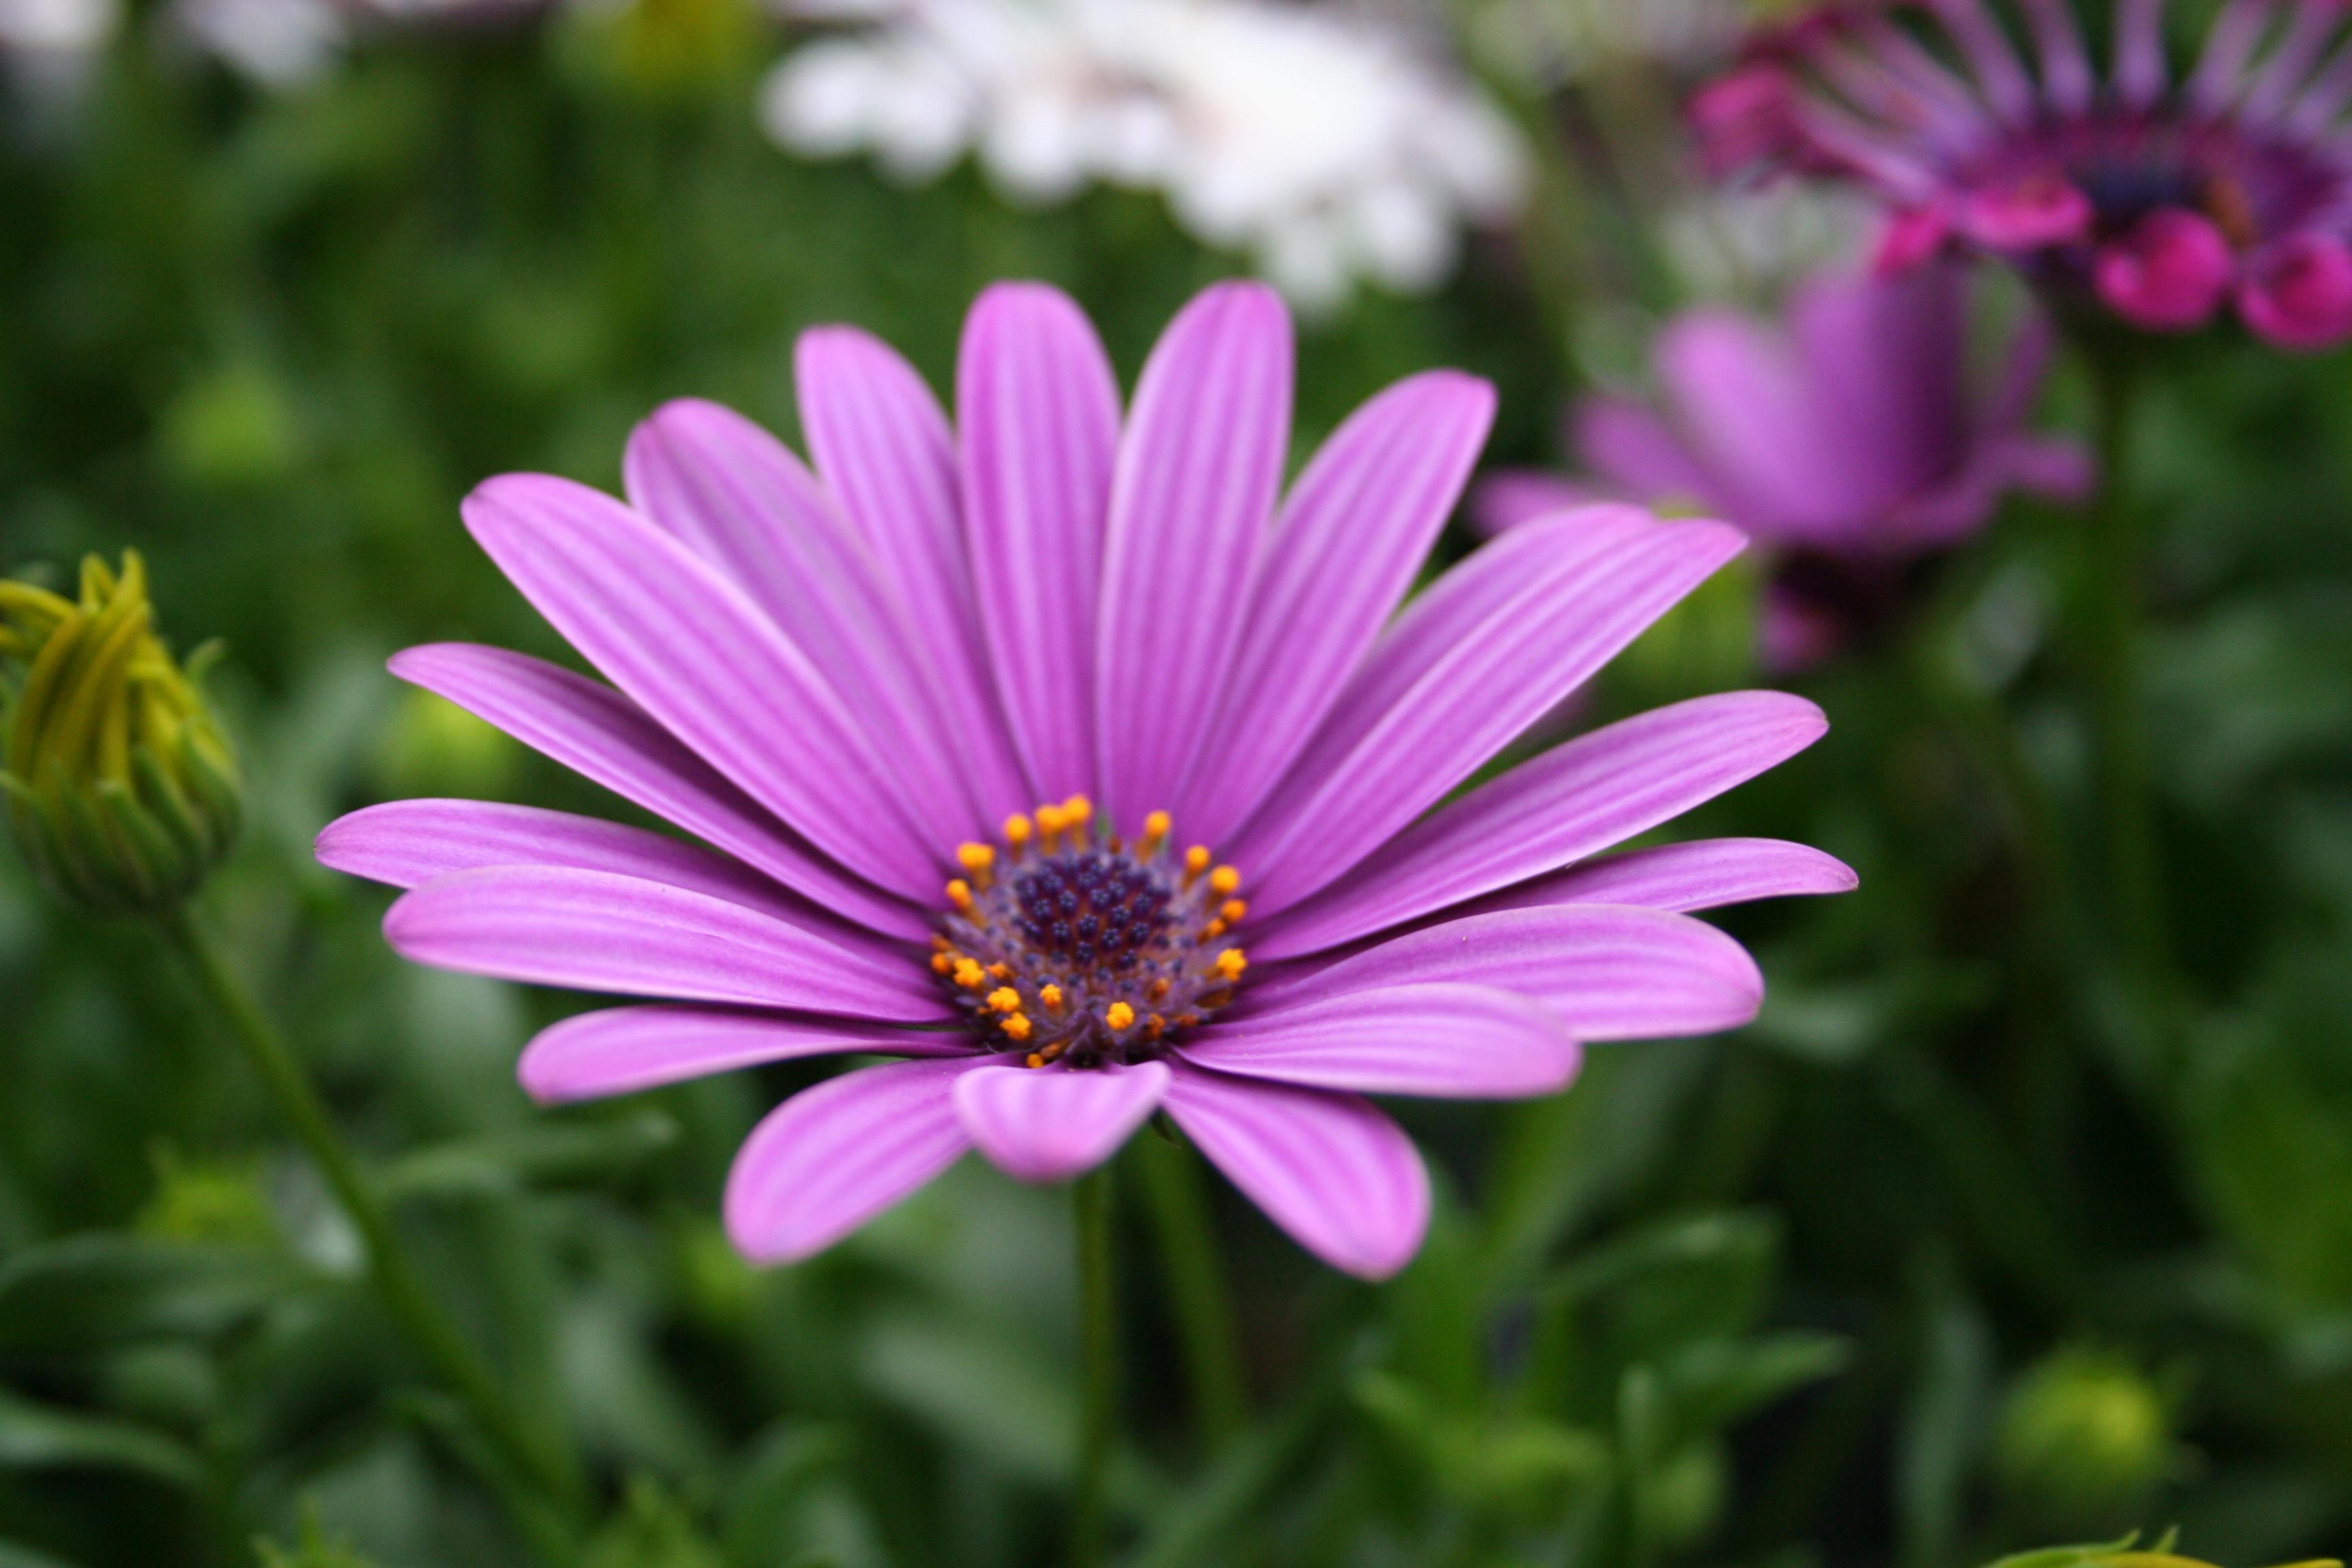 Flower Wallpaper Purple Flowers Wallpaper 3456x2304